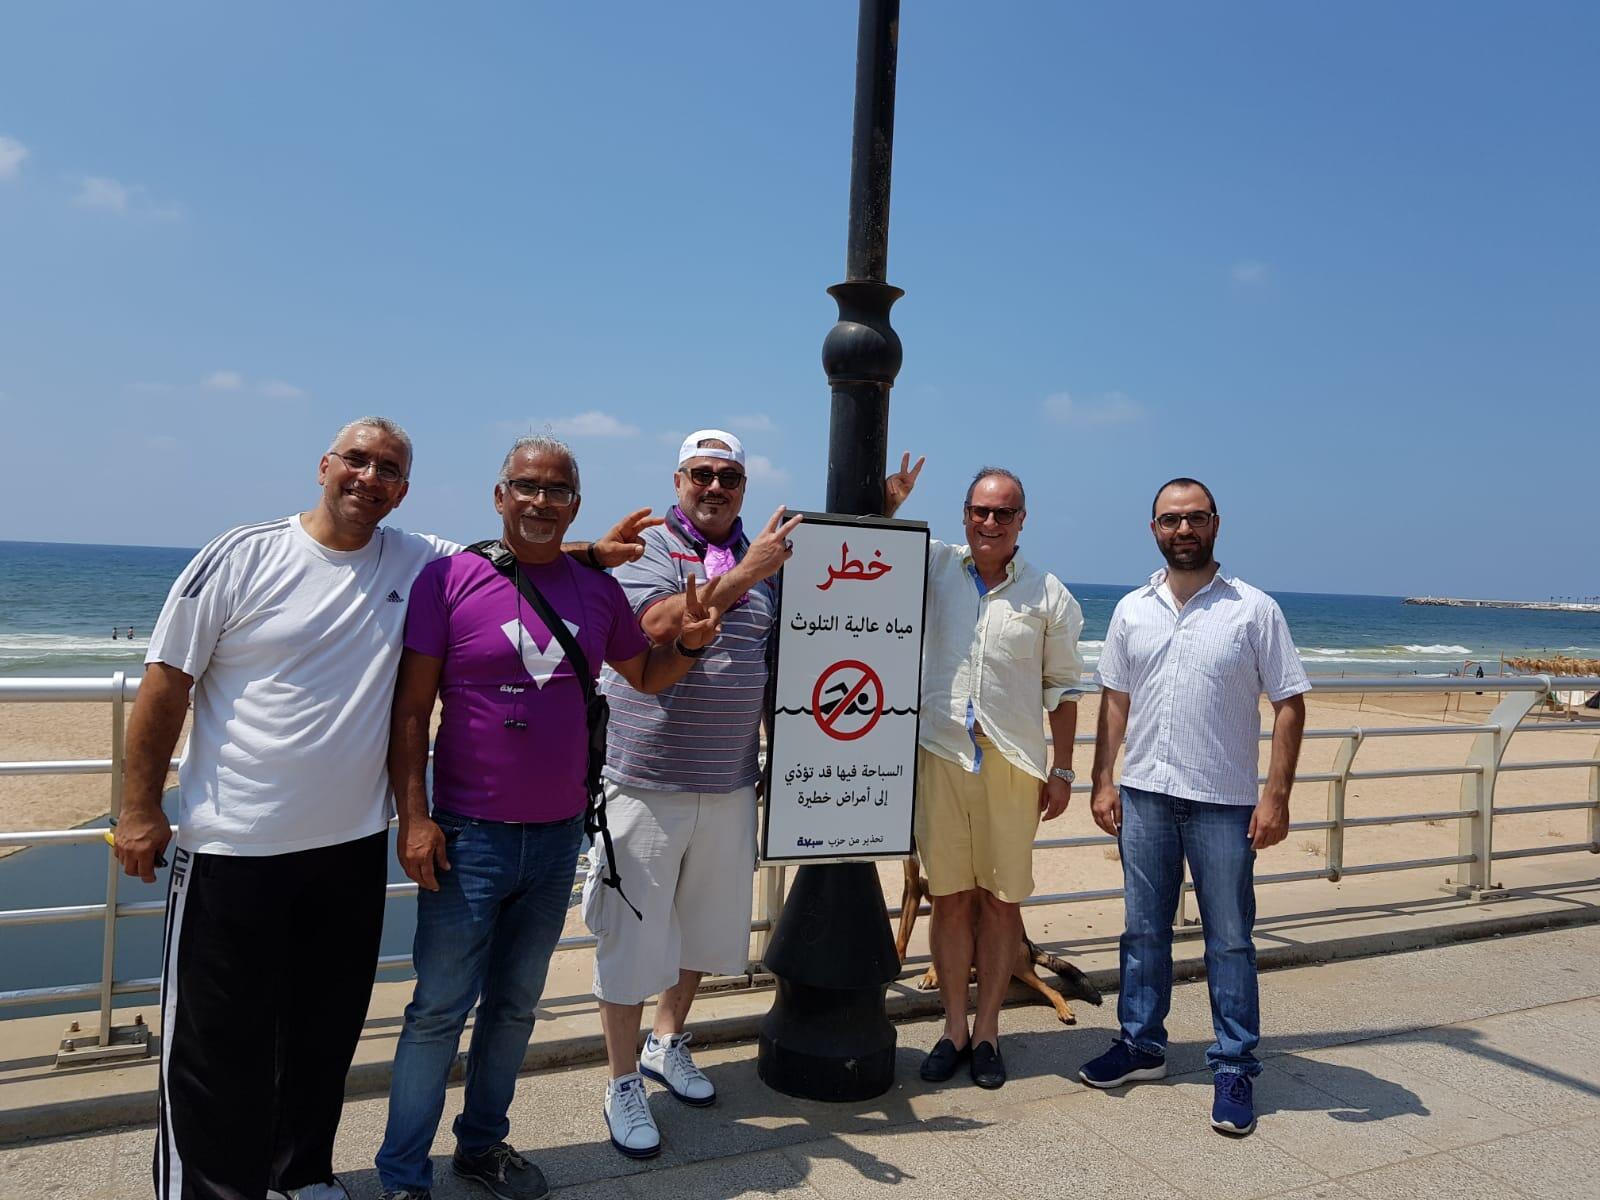 حزب سبعة ينشر لوحات تحذيرية على الشواطئ